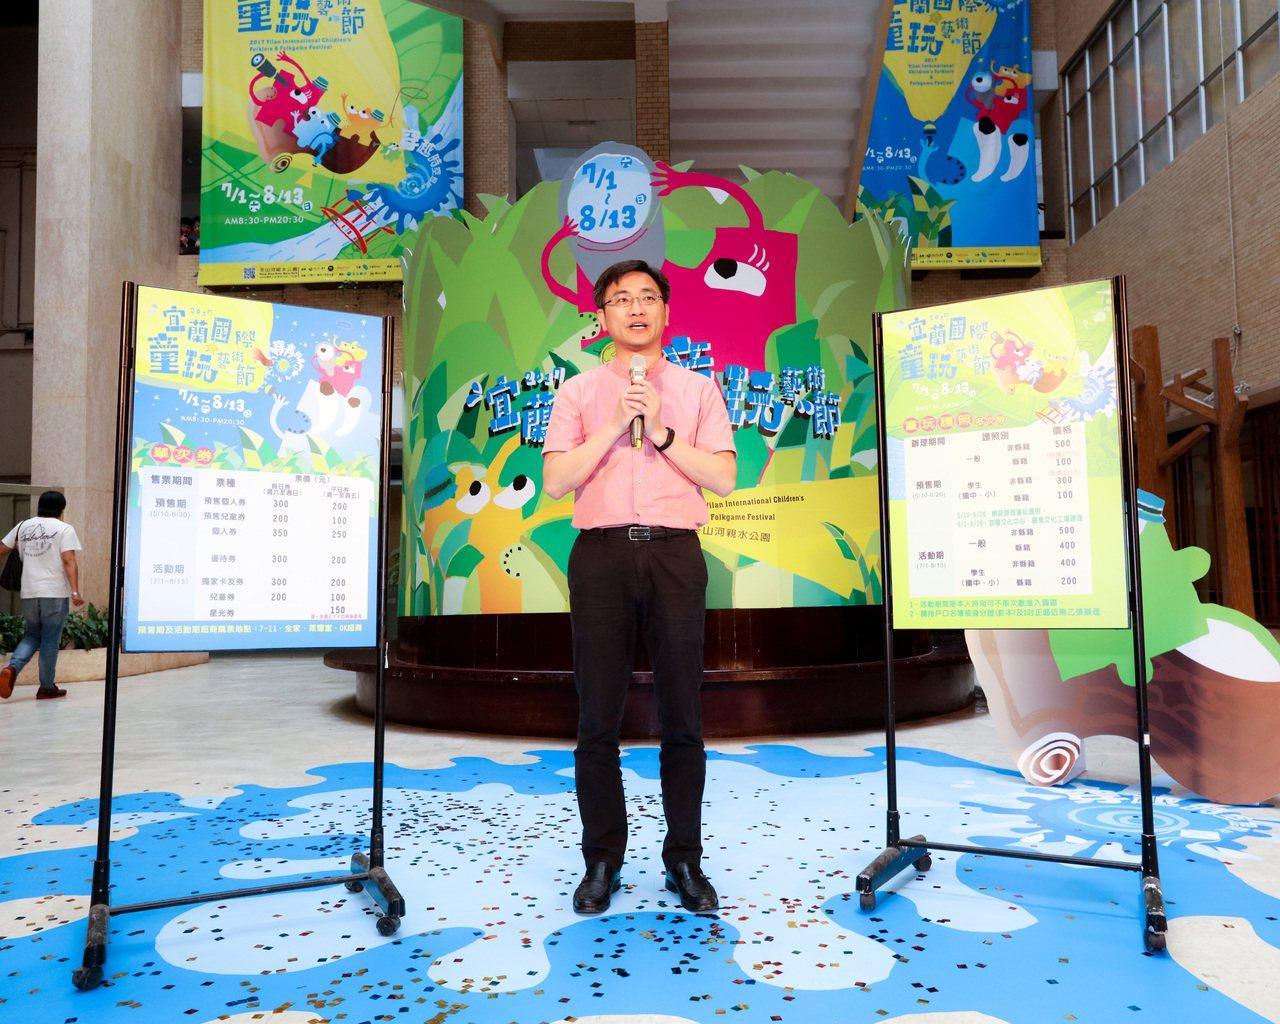 宜蘭縣文化局長李志勇宣布即日起在四大超商預售童玩節門票,今年有150元星光票。圖...